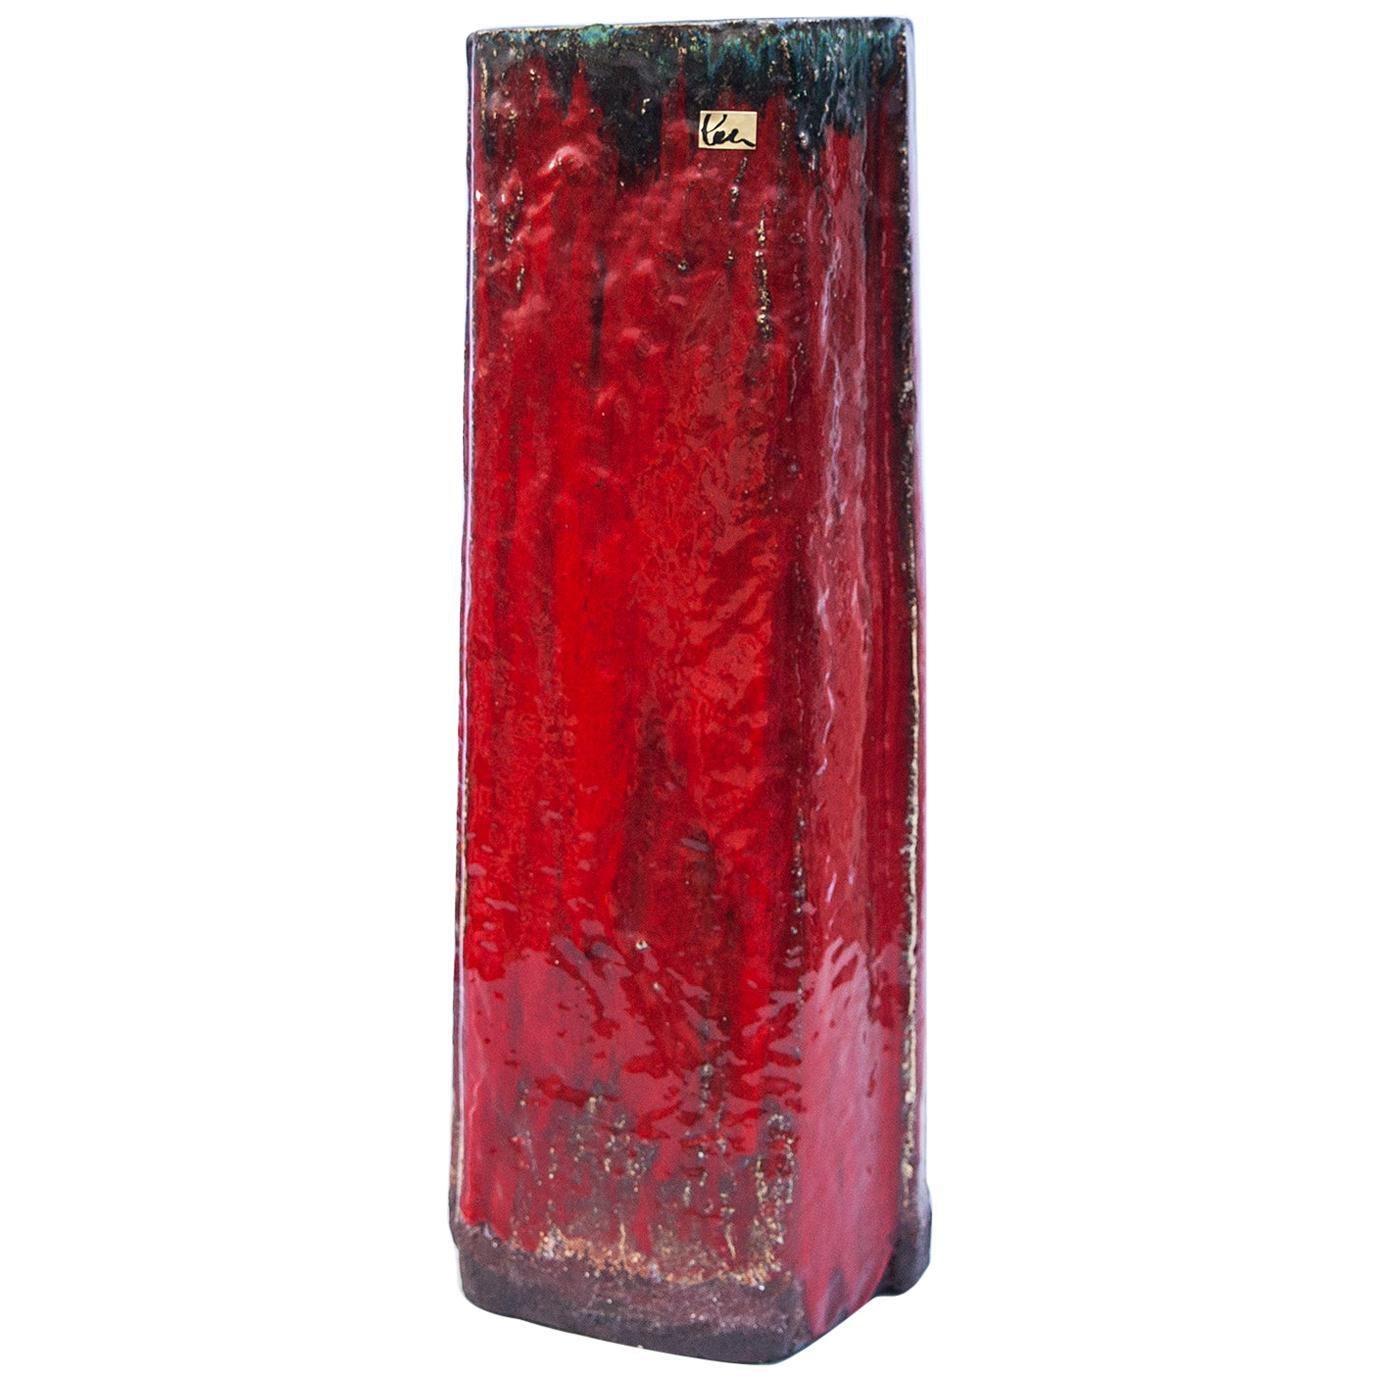 Schäffenacker Ceramic Floor Vase Red, 1963